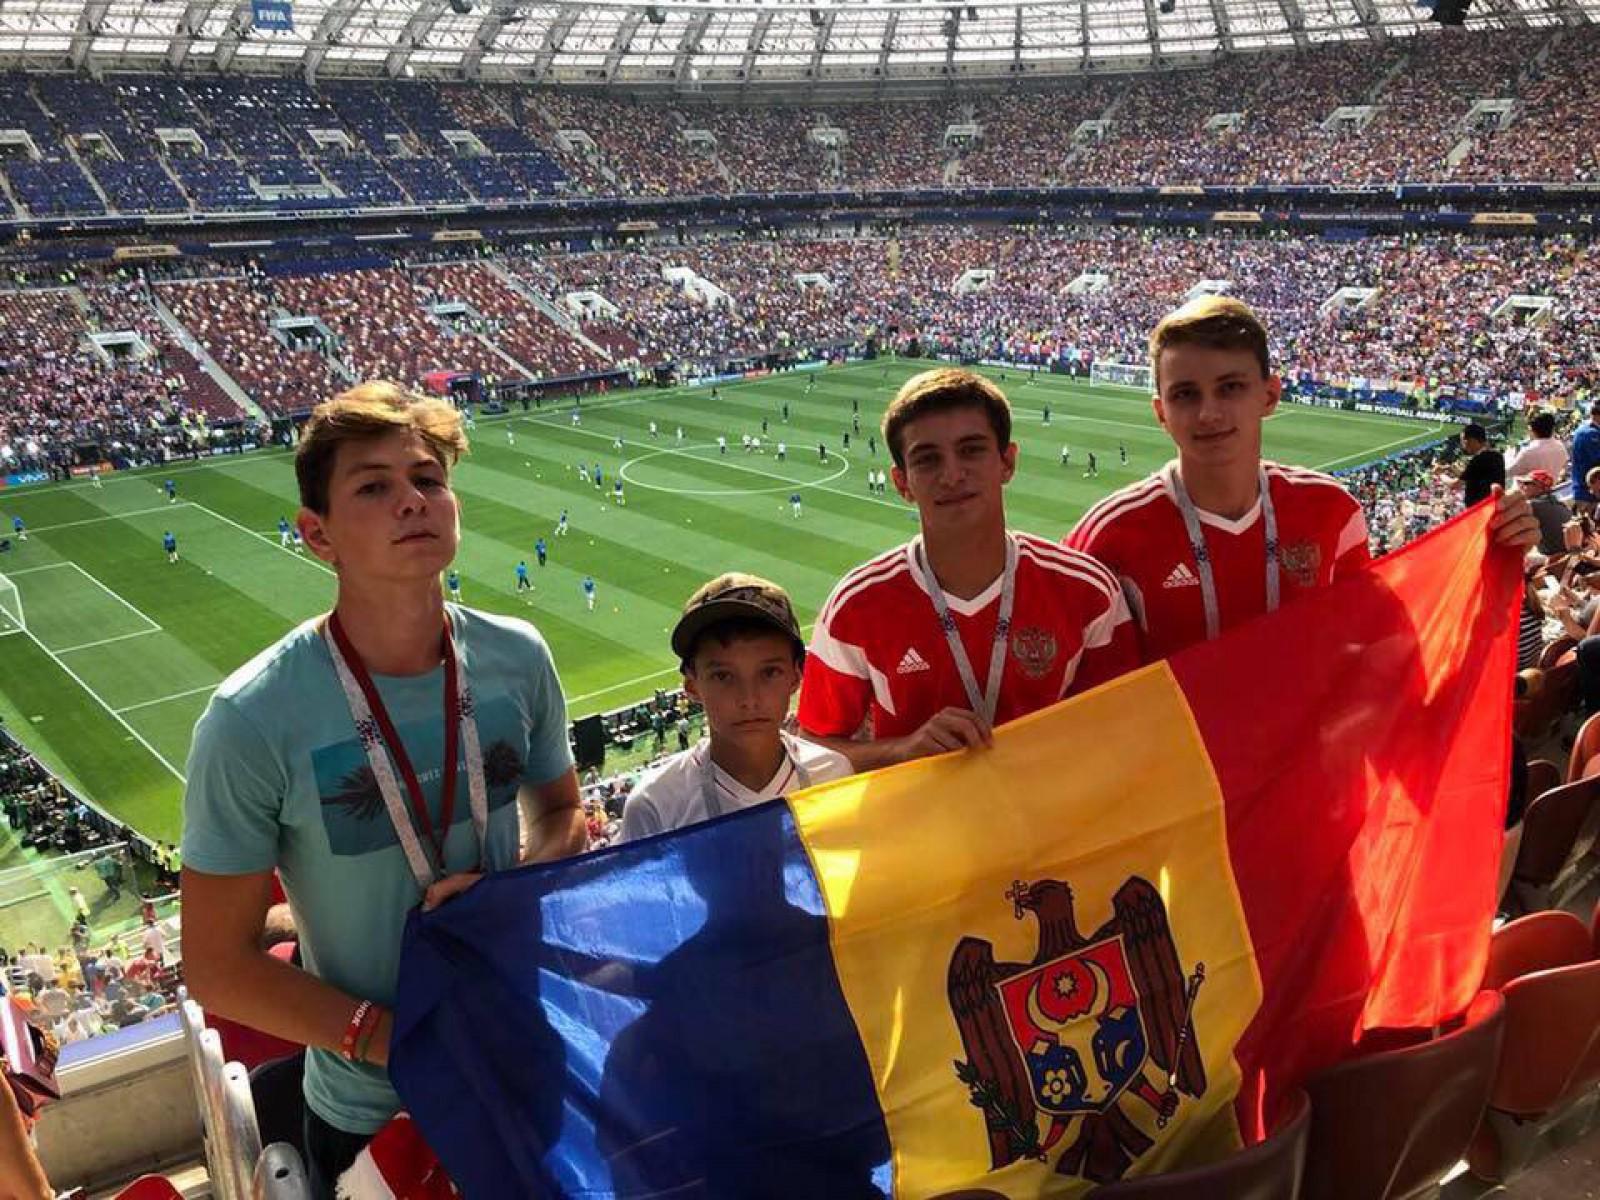 (foto) Igor Dodon alături de Emmanuel Macron și soțiile lor la finala Campionatului Mondial. Mesajul postat de Dodon